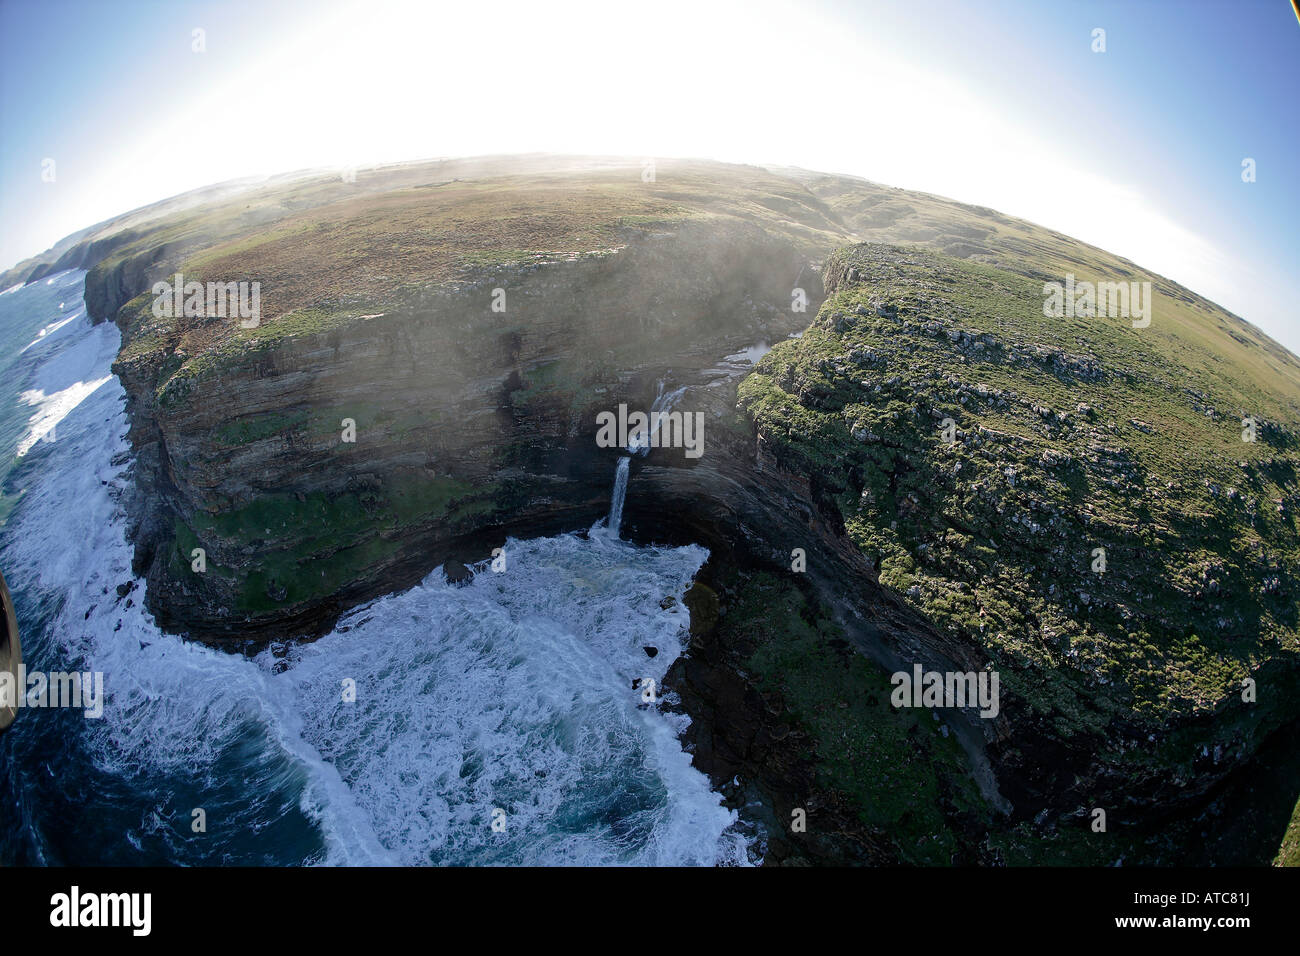 Vue aérienne de la côte de grès de côte sauvage du sud-est de l'océan Indien Afrique Photo Stock